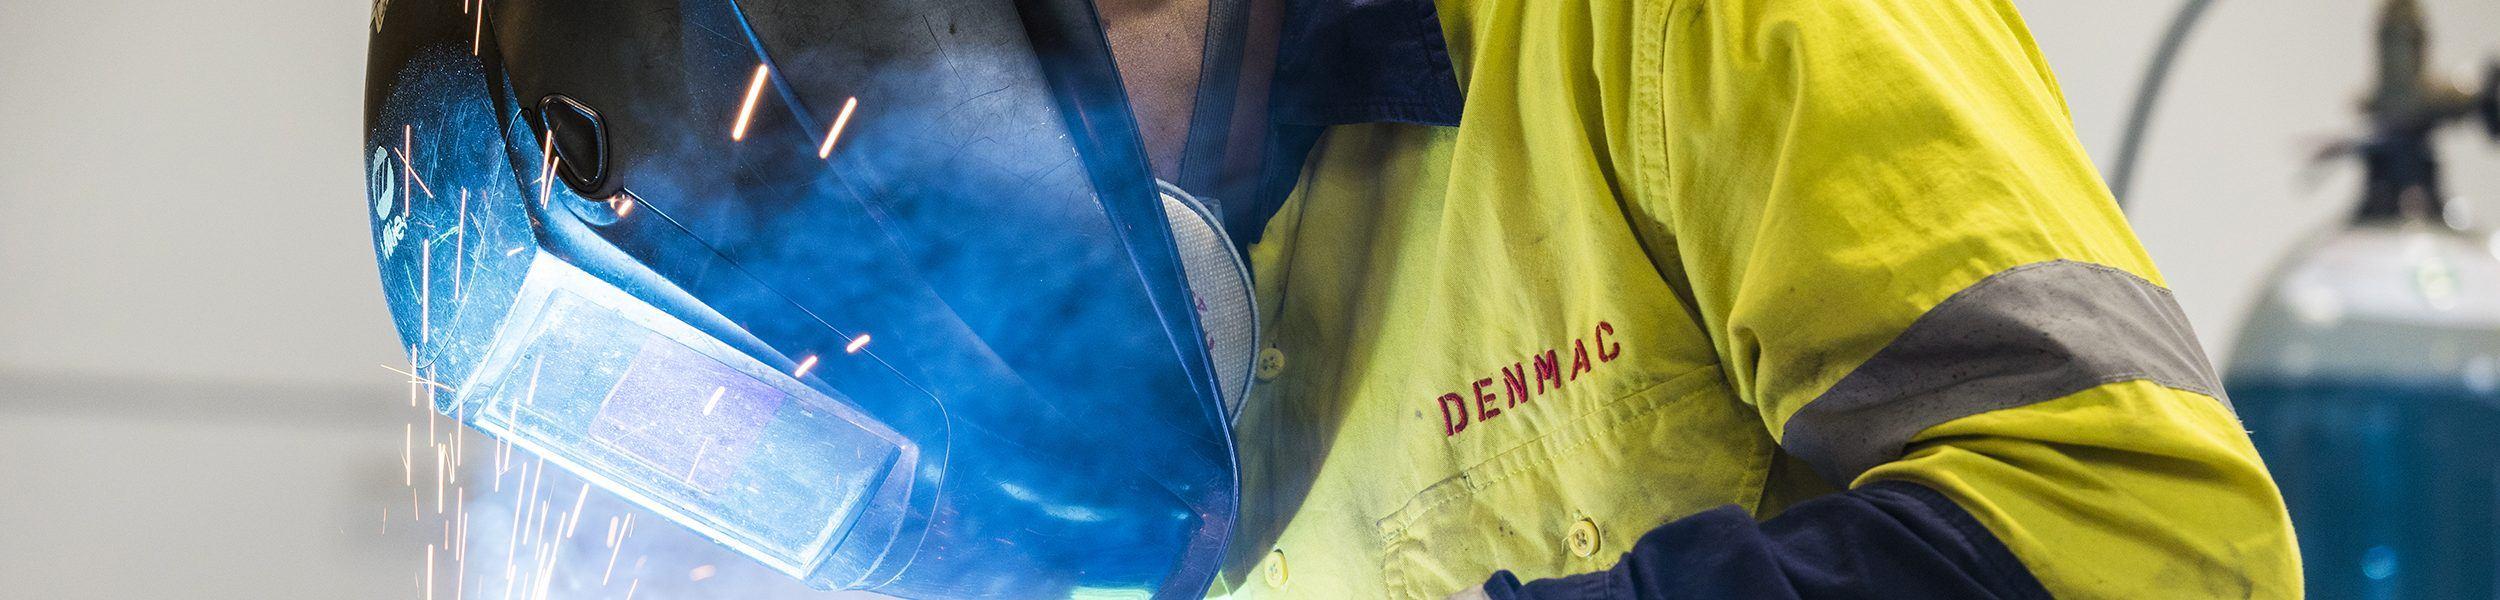 denmac employee